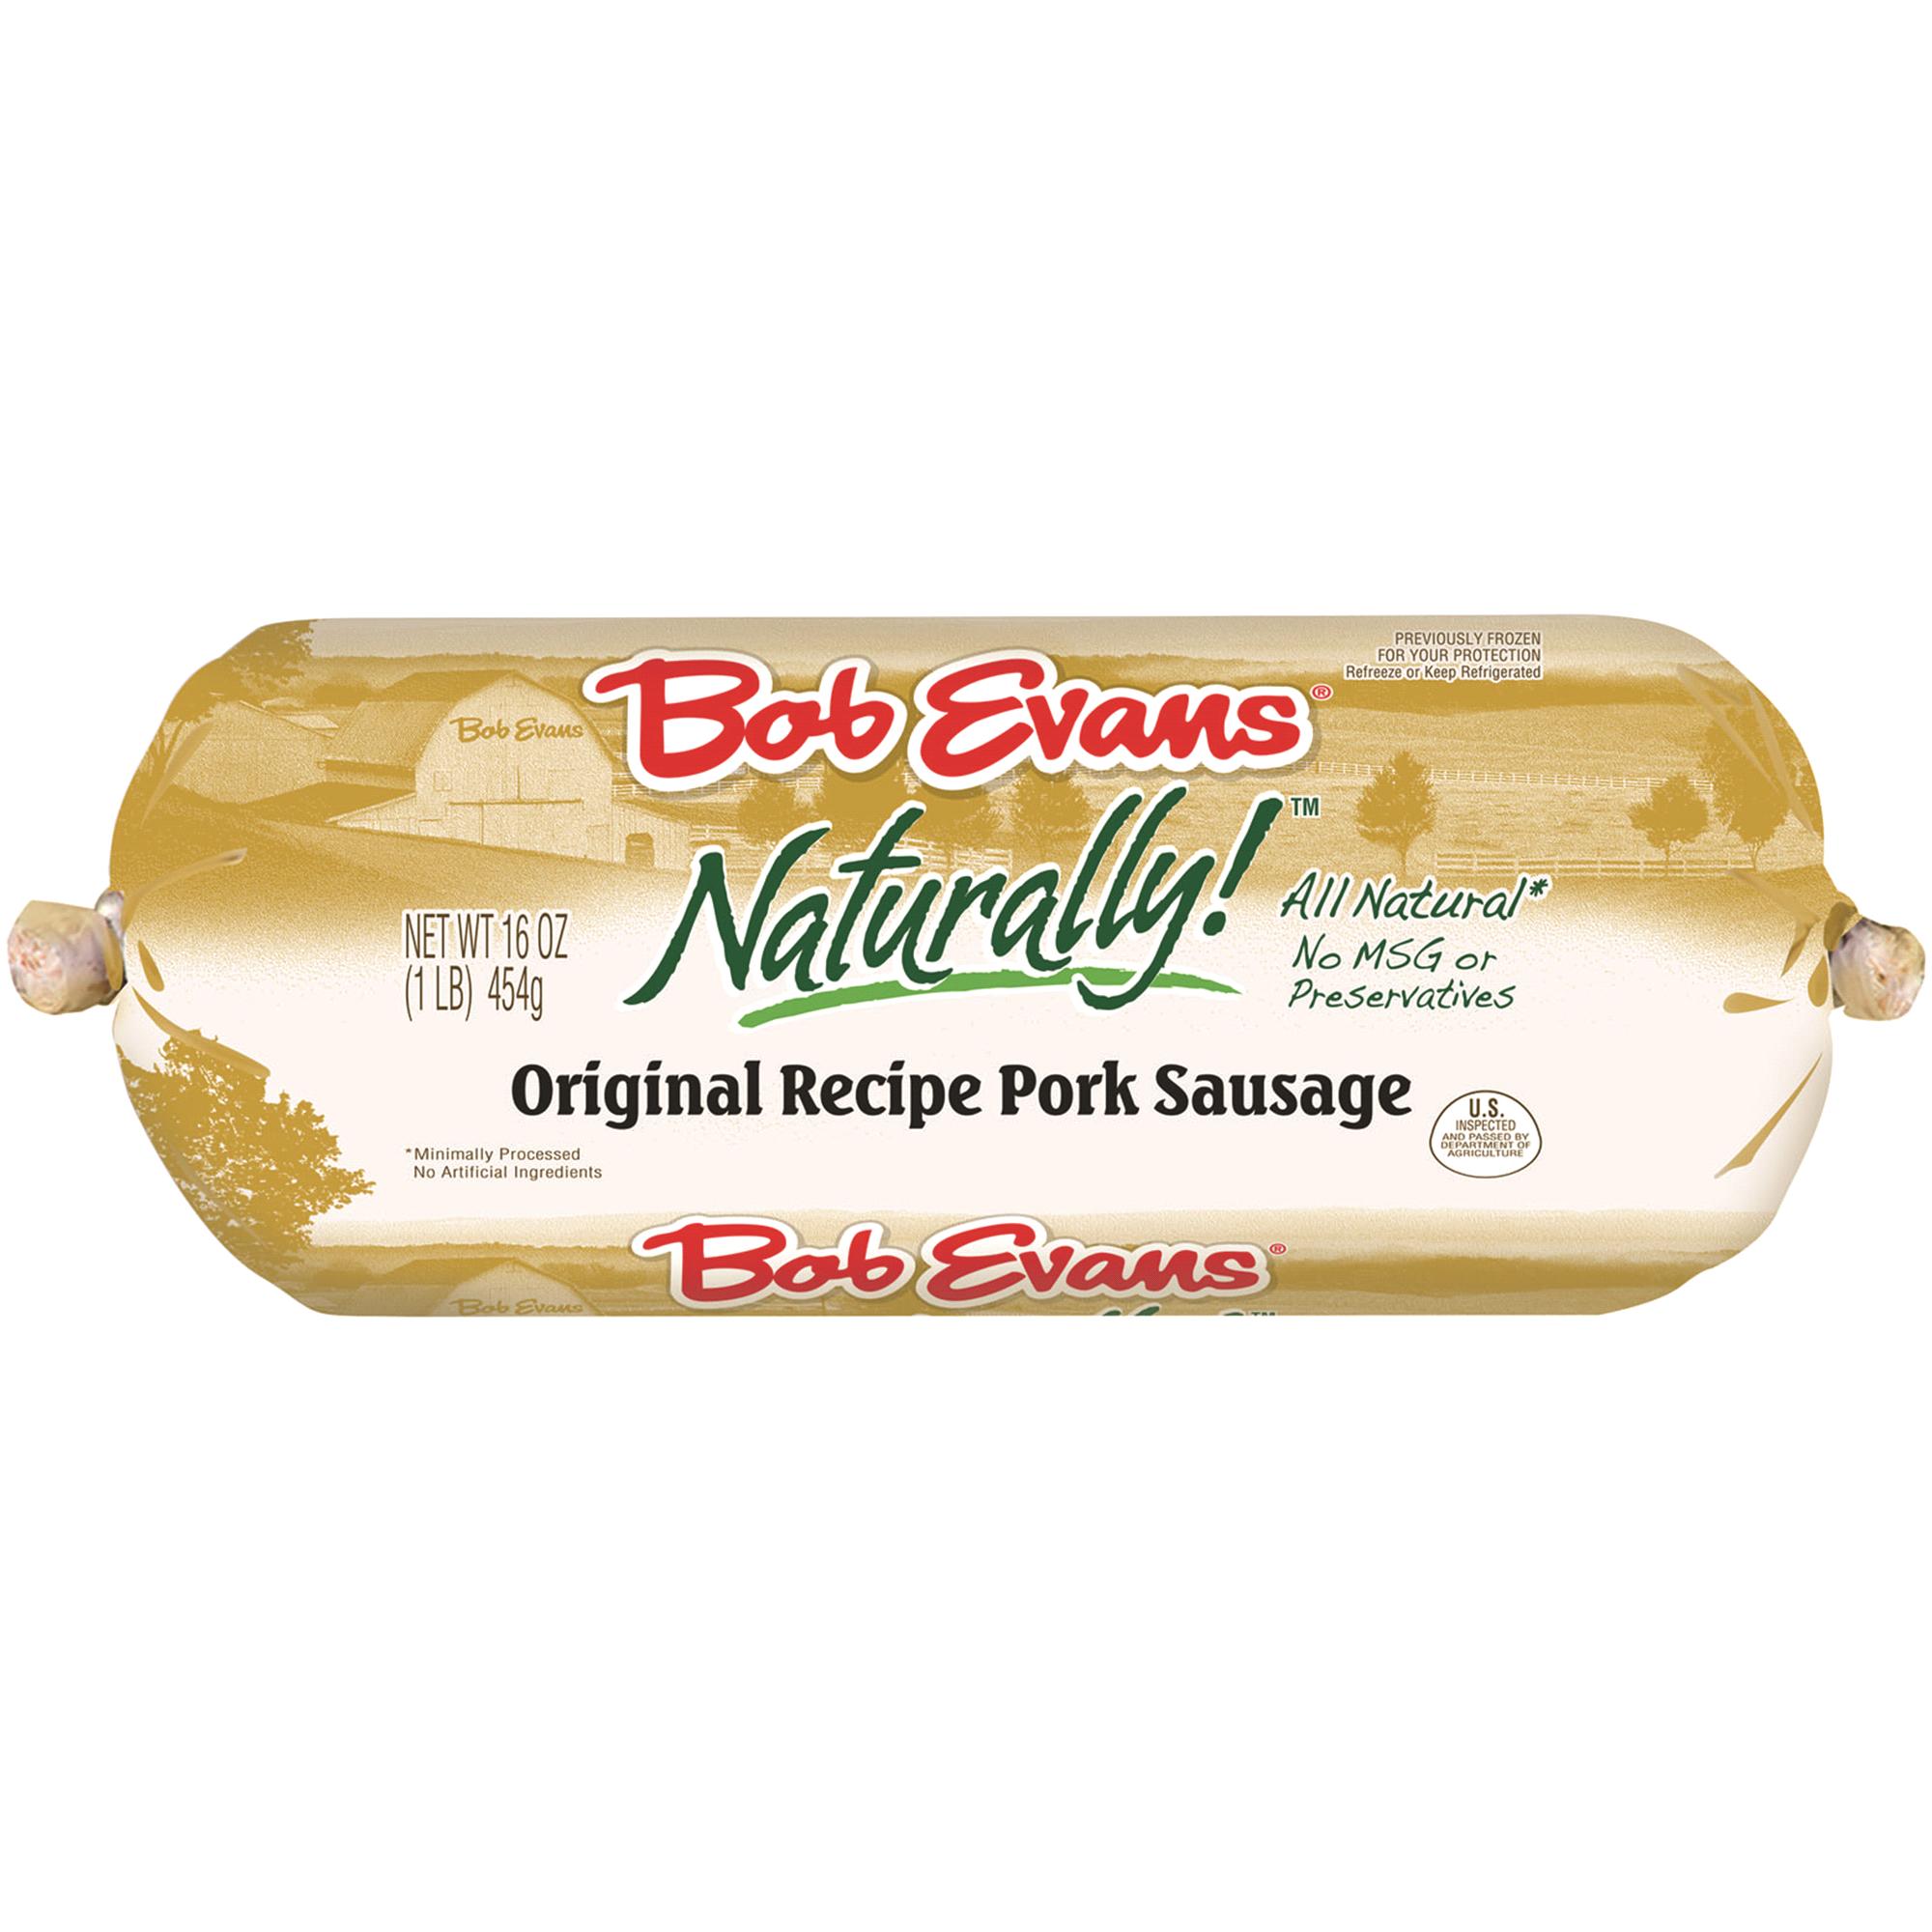 Bob Evans Naturally! Pork Sausage Roll Original Recipe 16 oz ...